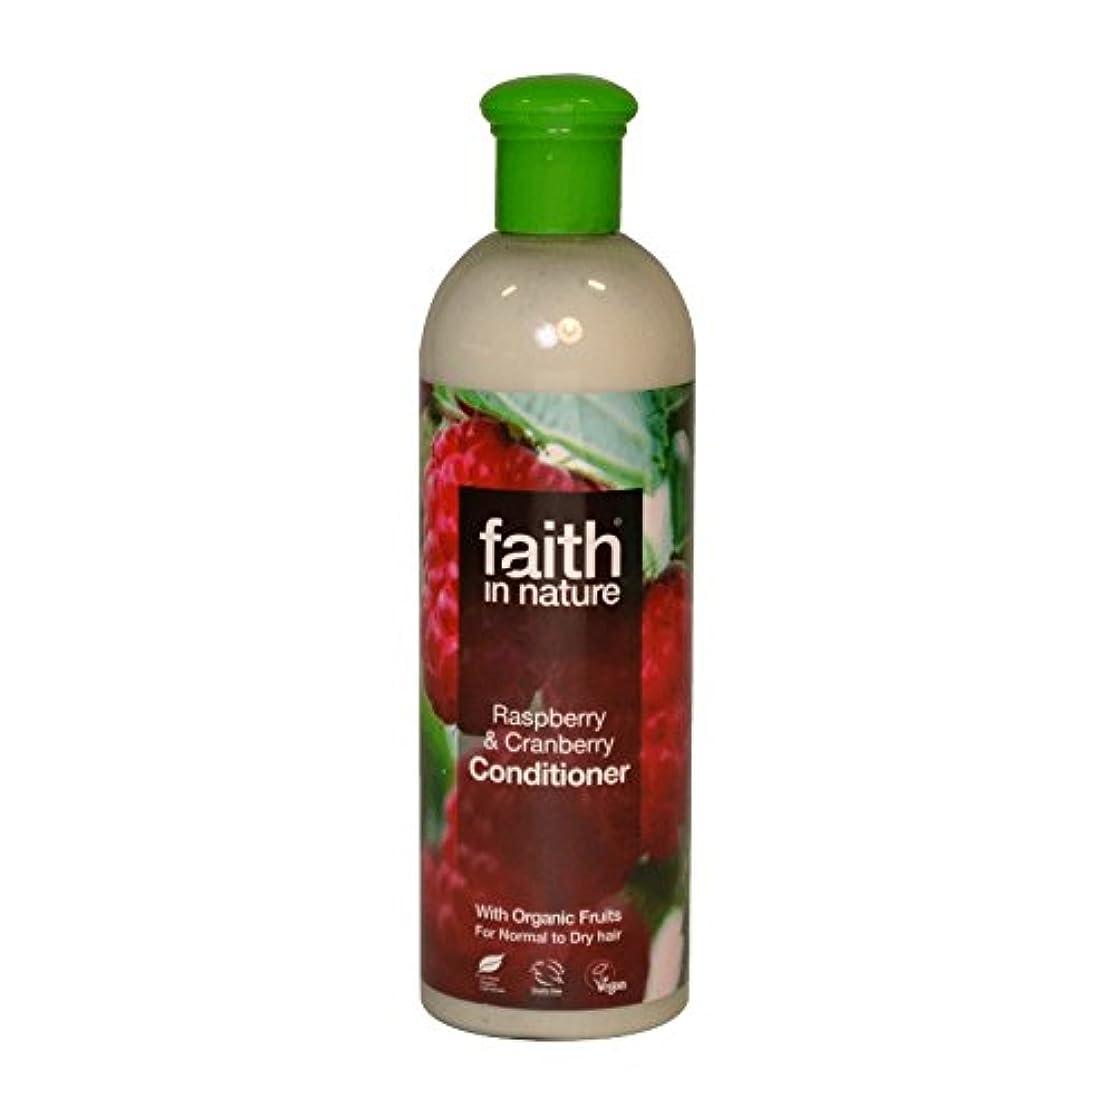 リゾート終わらせる八自然ラズベリー&クランベリーコンディショナー400ミリリットルの信仰 - Faith in Nature Raspberry & Cranberry Conditioner 400ml (Faith in Nature)...